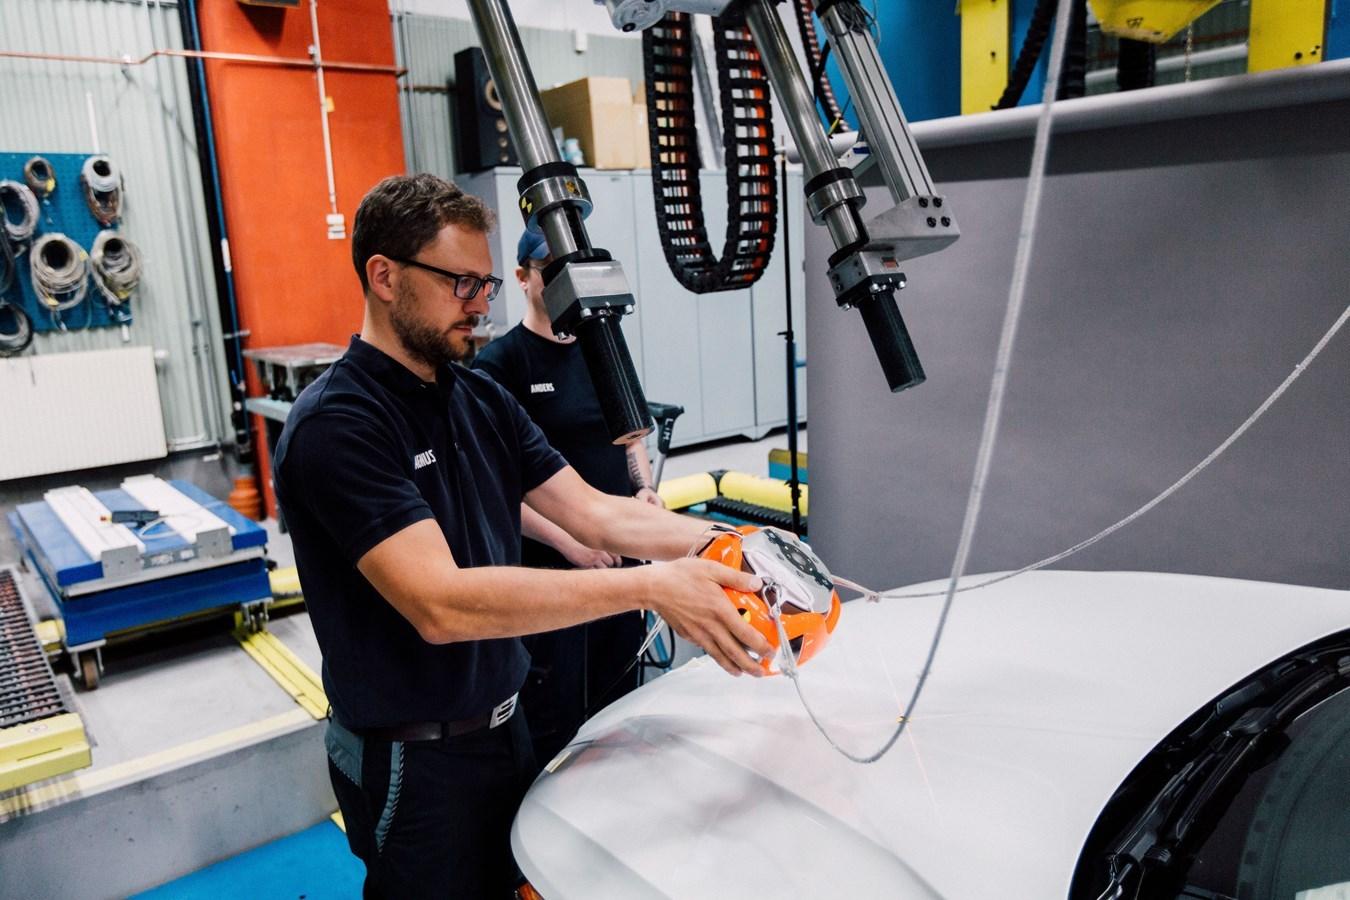 Η Volvo και η POC αναπτύσσουν το πρώτο crash test στον κόσμο για κράνη ποδηλάτου